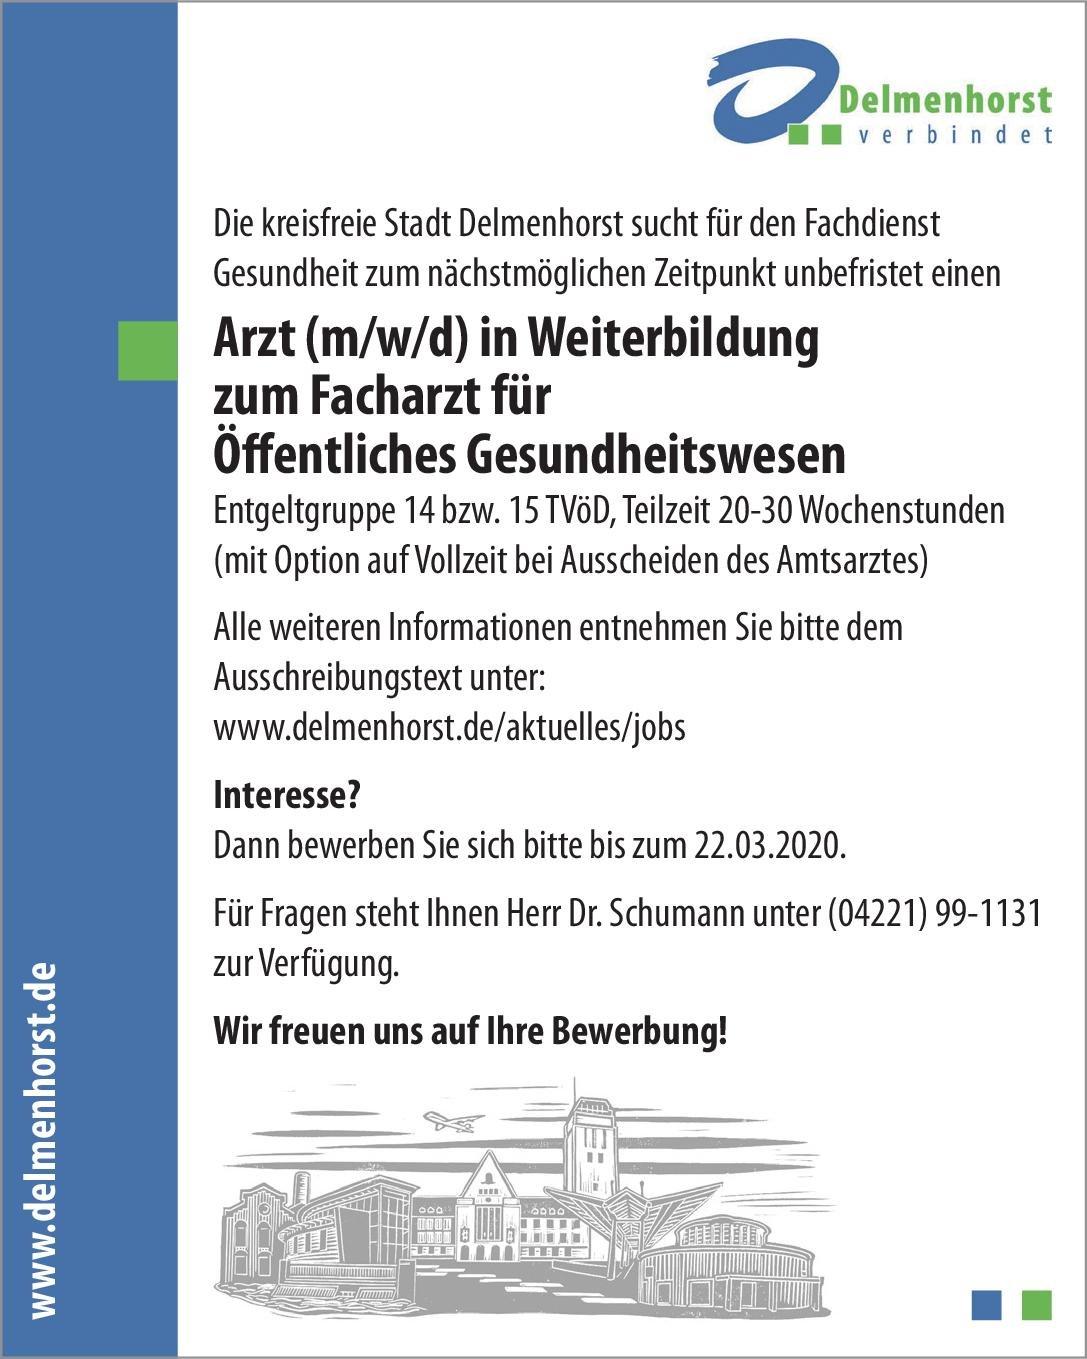 Stadt Delmenhorst Arzt (m/w/d) in Weiterbildung zum Facharzt für Öffentliches Gesundheitswesen Öffentliches Gesundheitswesen Assistenzarzt / Arzt in Weiterbildung